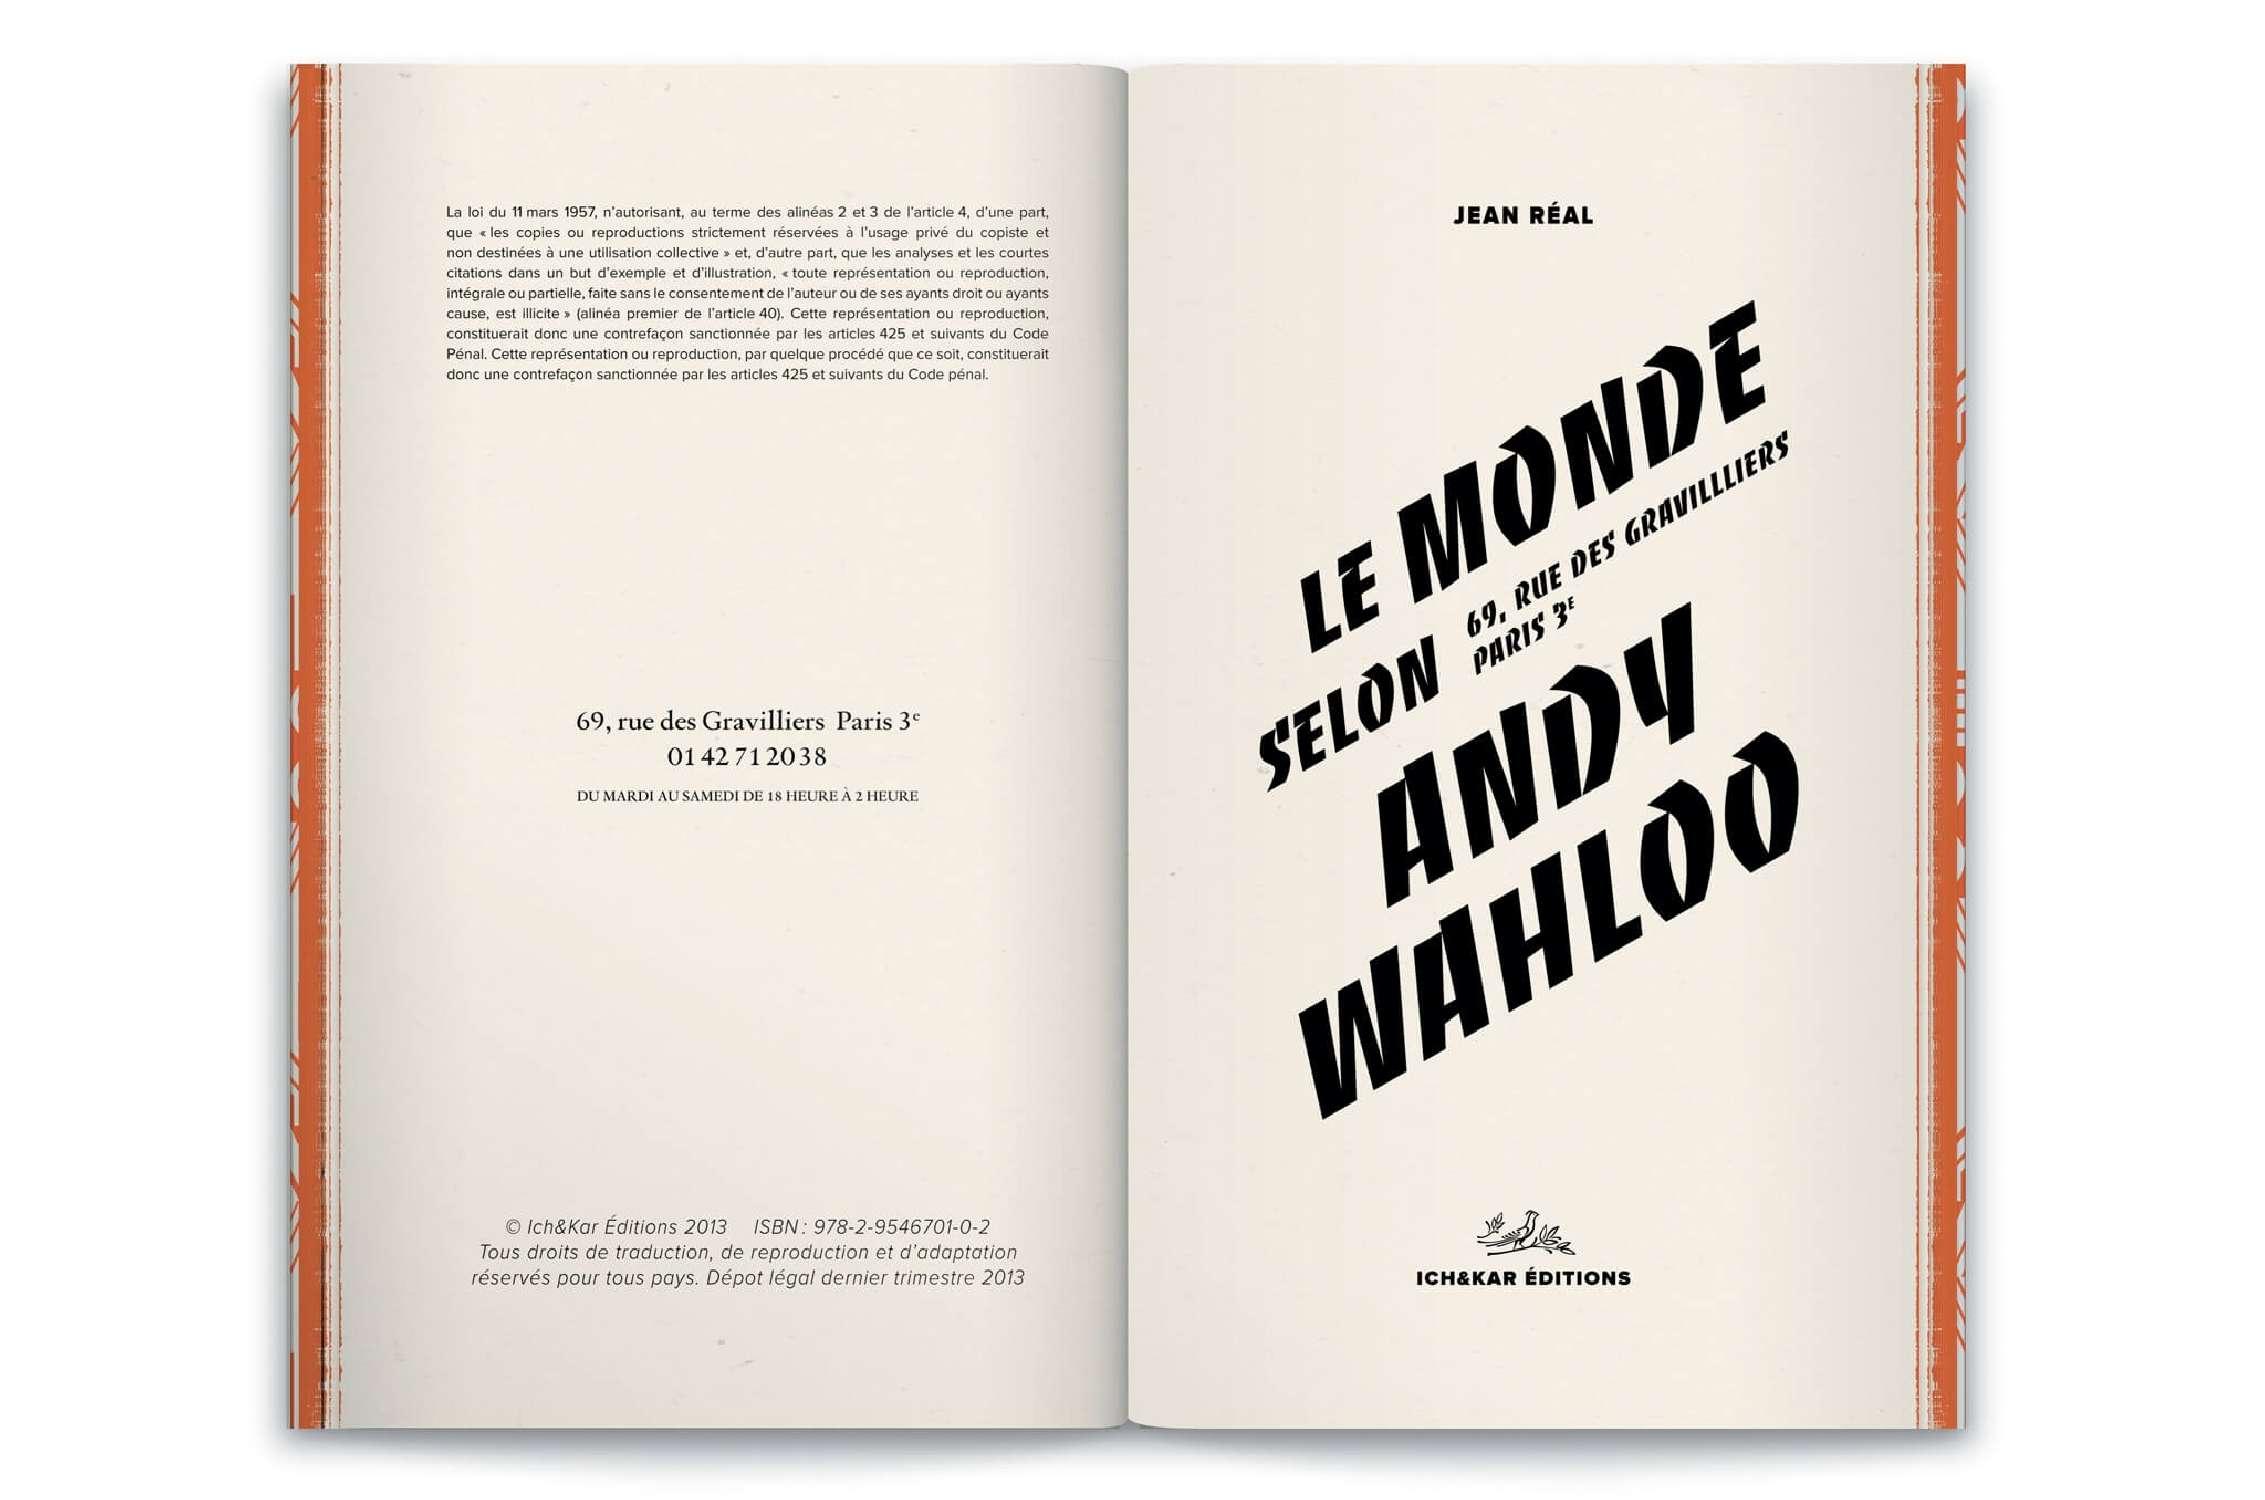 double page du livre-menu Andy Wahloo, 16 nouvelles de l'écrivain Jean Réal par le studio Ich&Kar